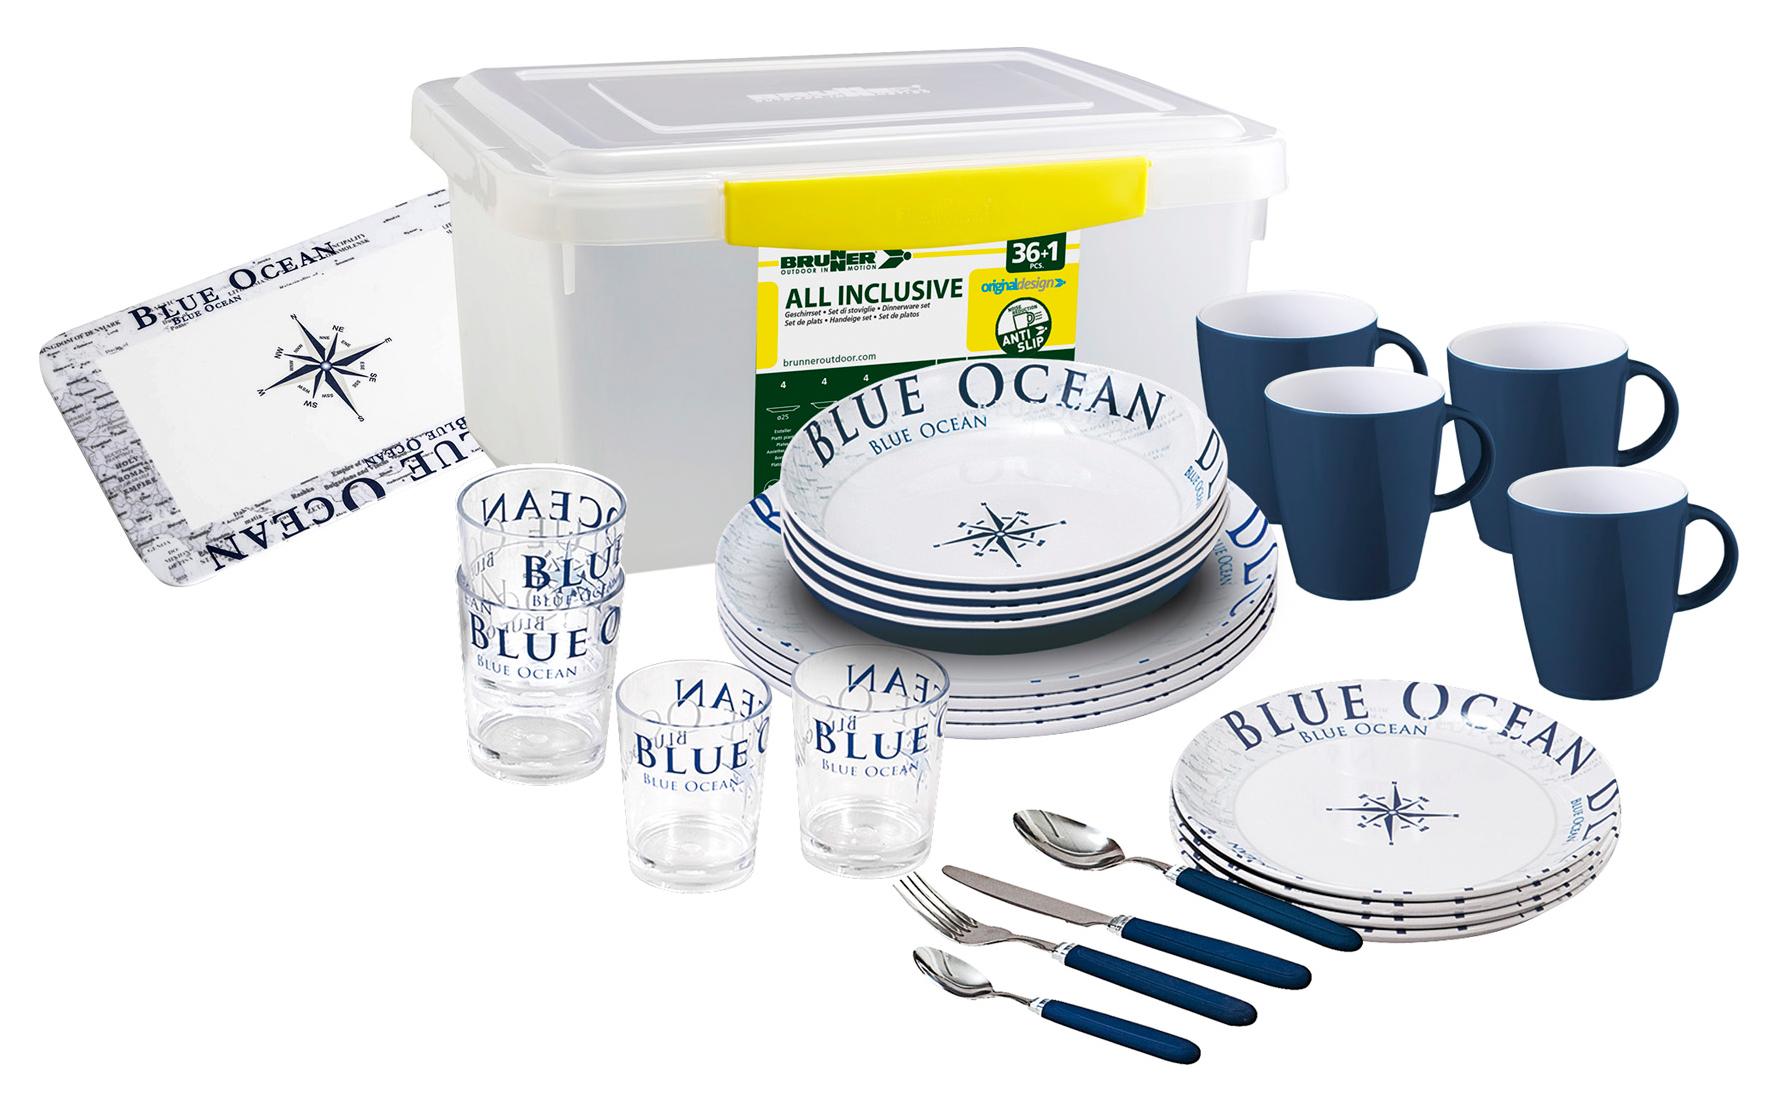 Brunner Geschirrset 38 tlg All Inclusive Blue Ocean | 08022068005829